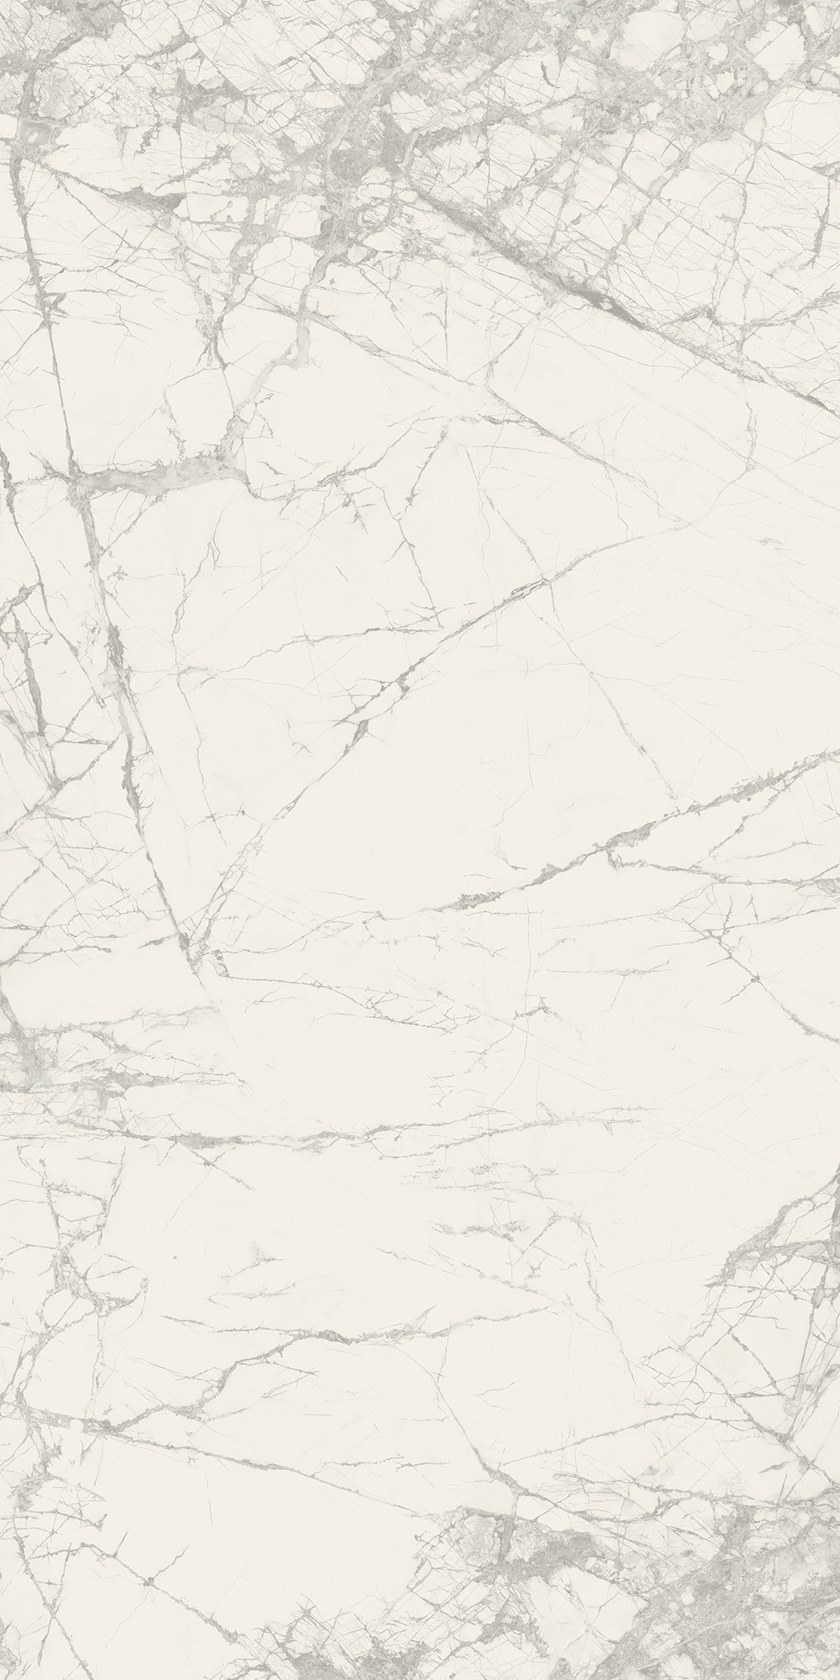 Syros Super Blanco-Gris Pulido Mate / Matt Polished 150x300 cm